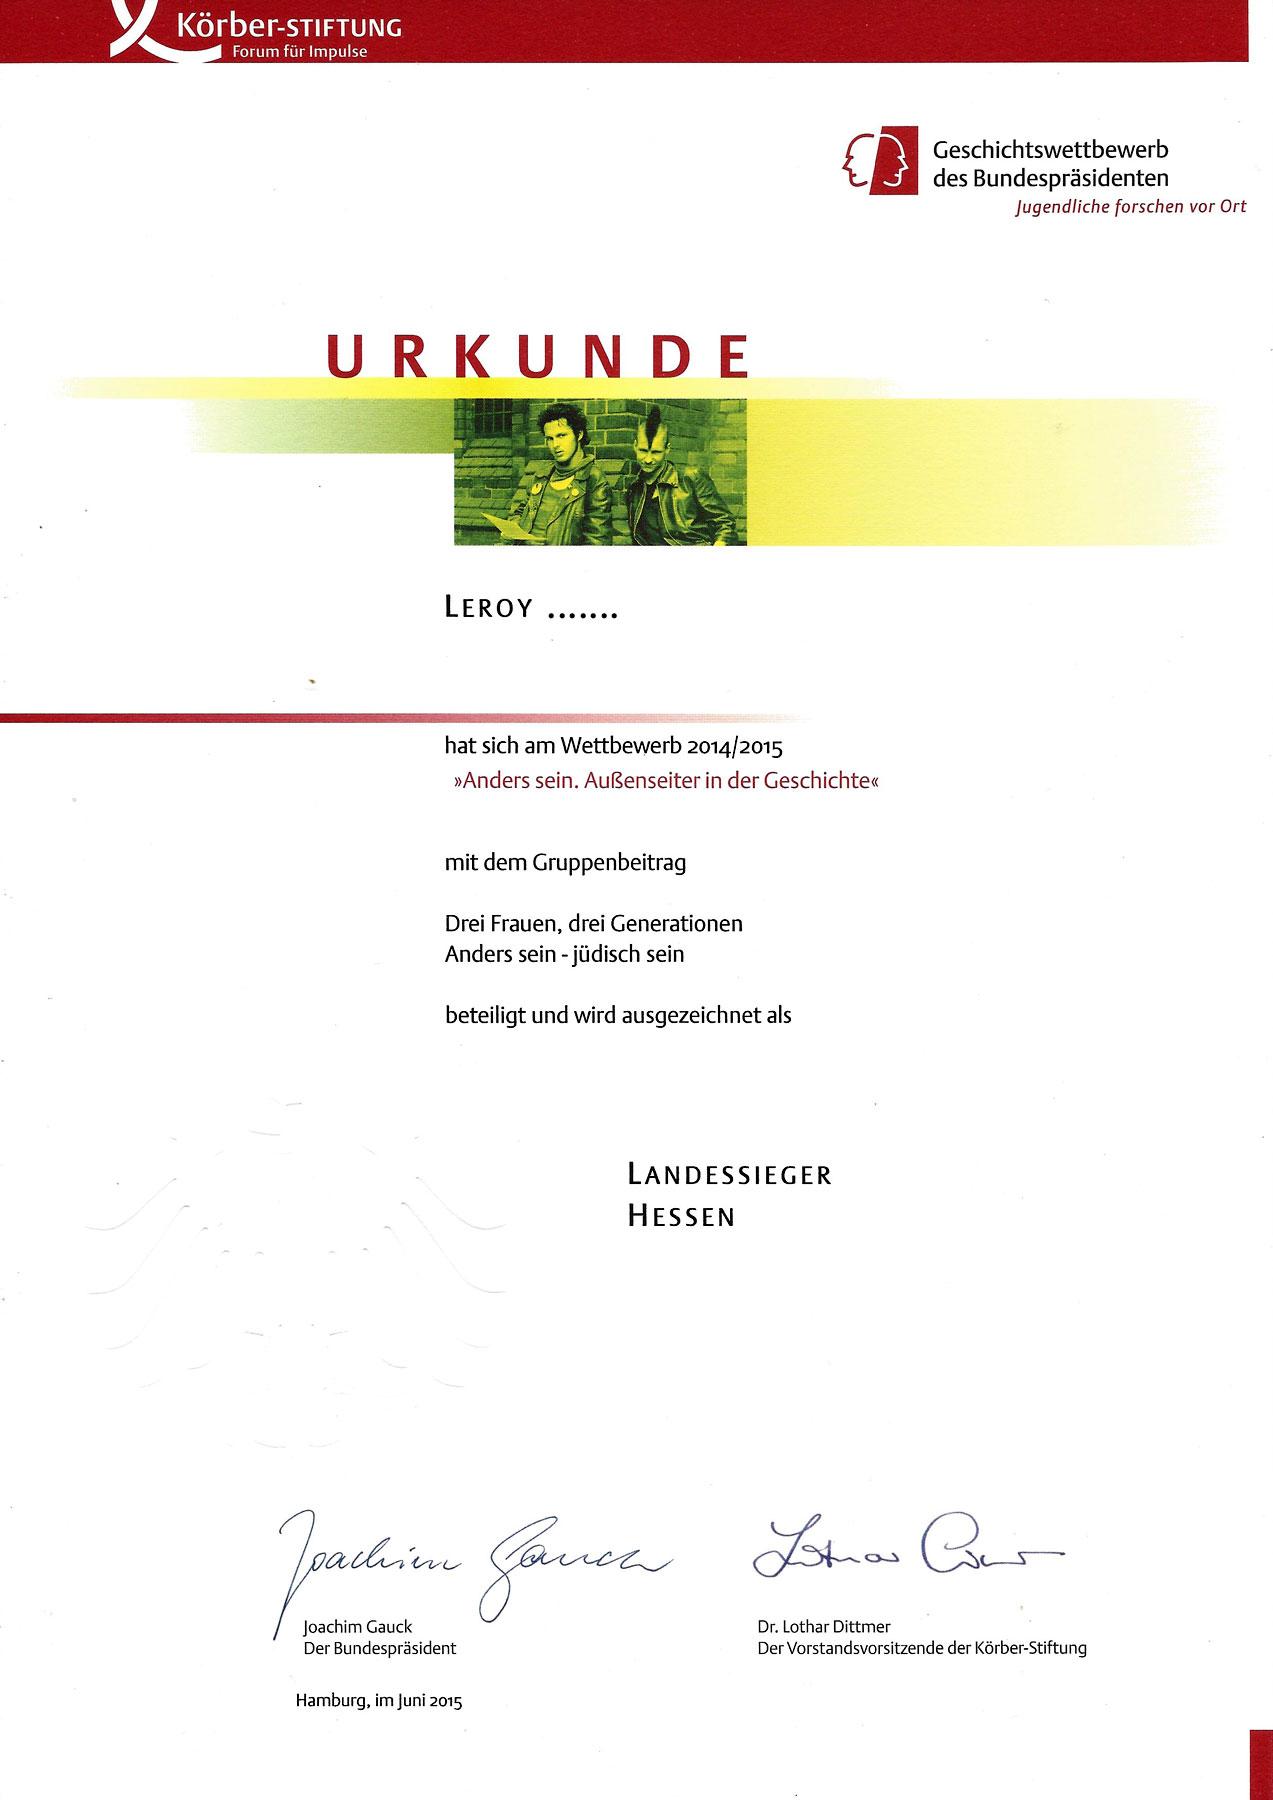 Auszeichnung: Geschichtswettbewerb des Bundespräsidenten